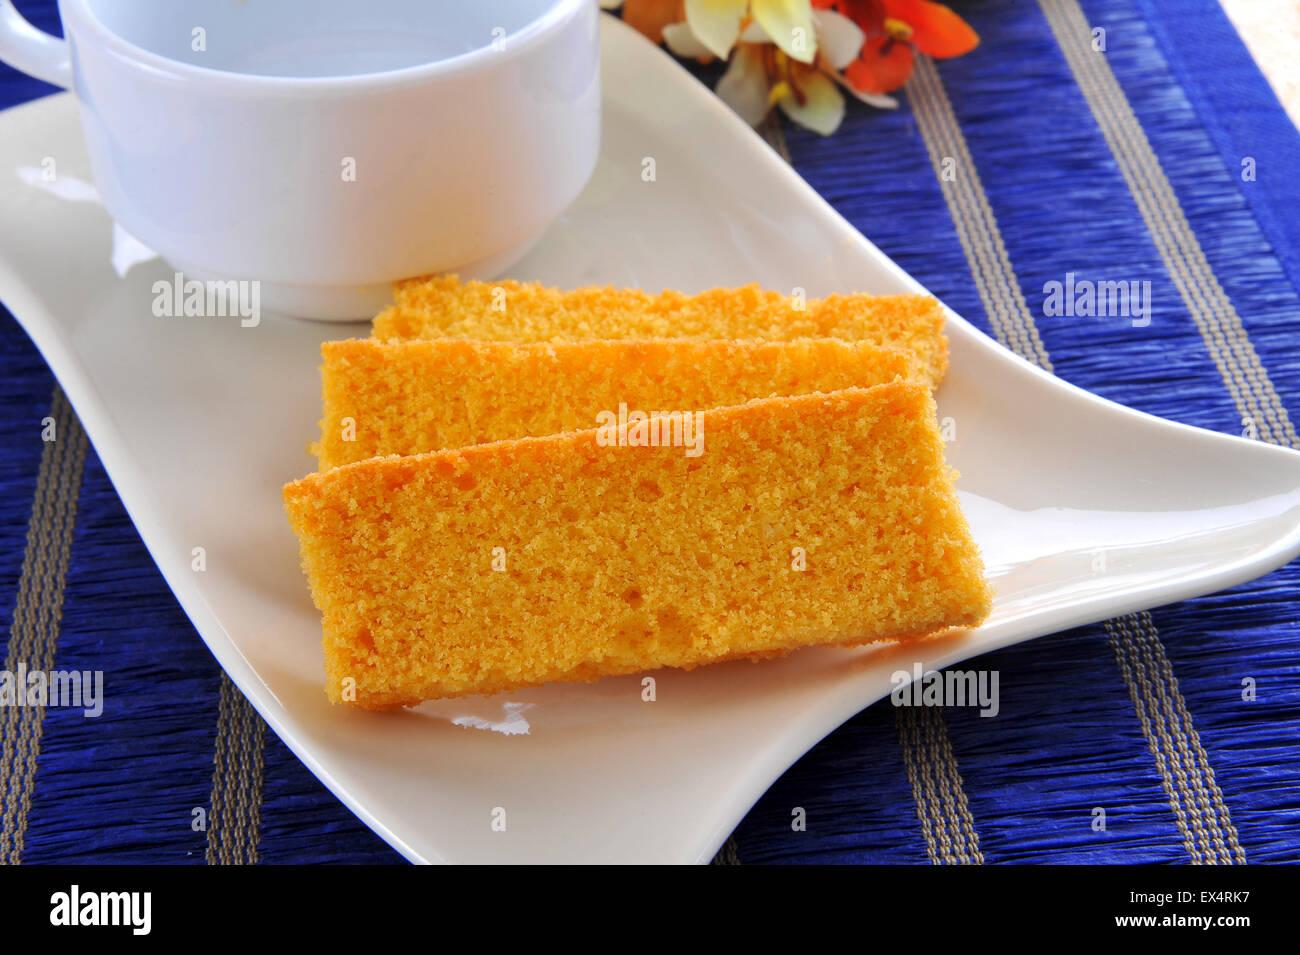 Kuchen Zwieback Und Teetasse Stockfoto Bild 84928907 Alamy